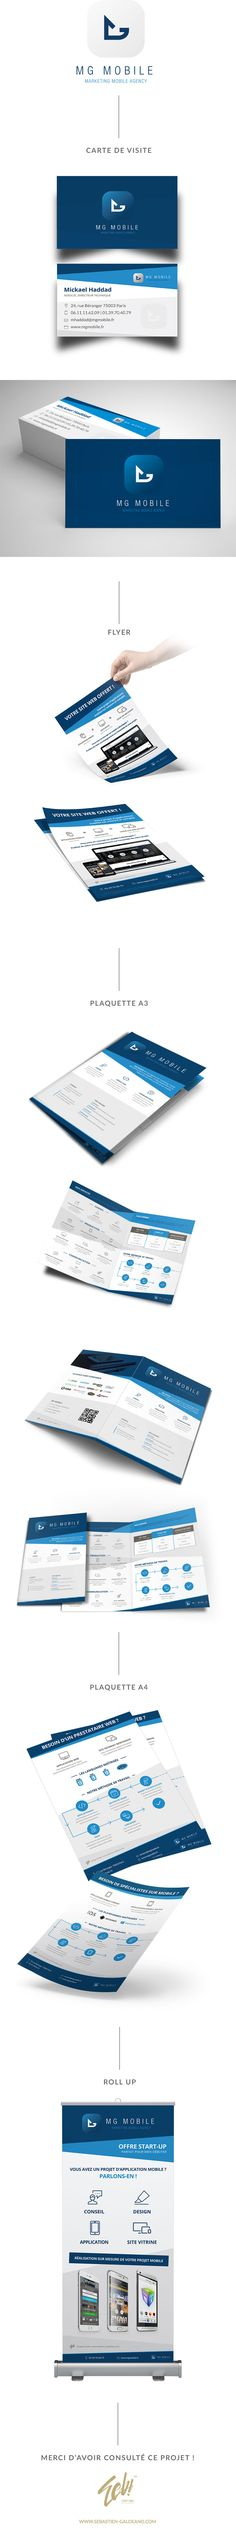 Refonte de la charte graphique et de divers éléments de papeterie de l'entreprise MG Mobile pour un salon. Je leur ai refait les cartes de visite, flyers, plaquette, dépliant et kakémono.  http://www.sebastien-galdeano.com/portfolio/3-Print/44-Depliant/466-MG_Mobile_Salon.html